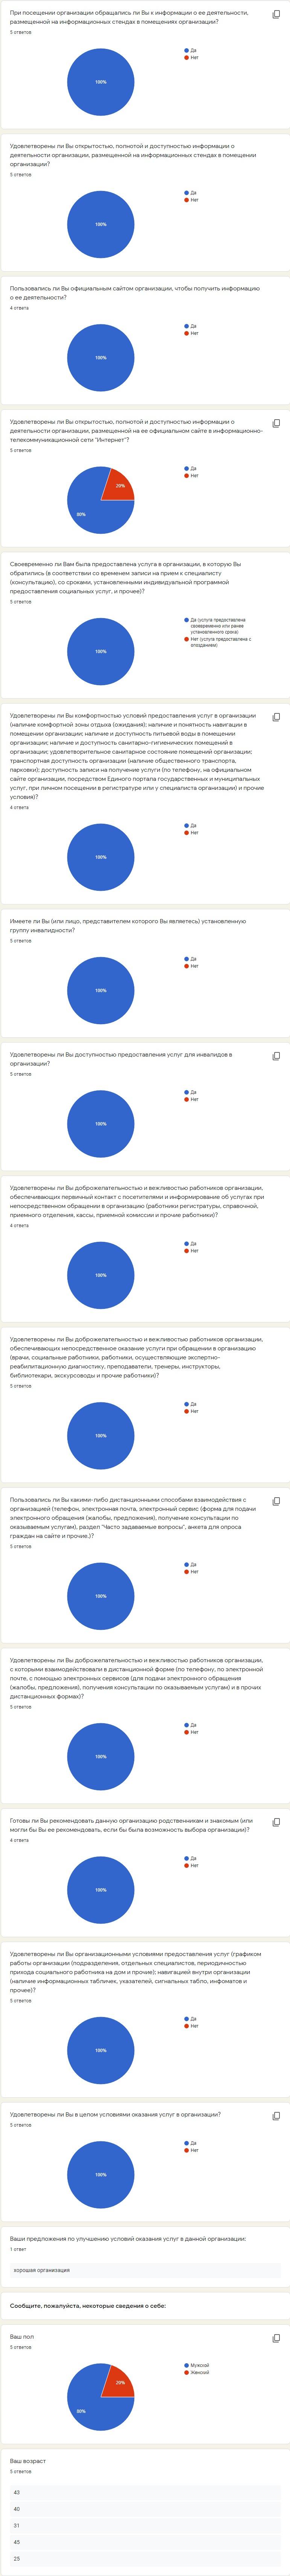 Результаты опроса получателей услуг о качестве условий оказания услуг организациями социального обслуживания за 1 квартал 2020 года